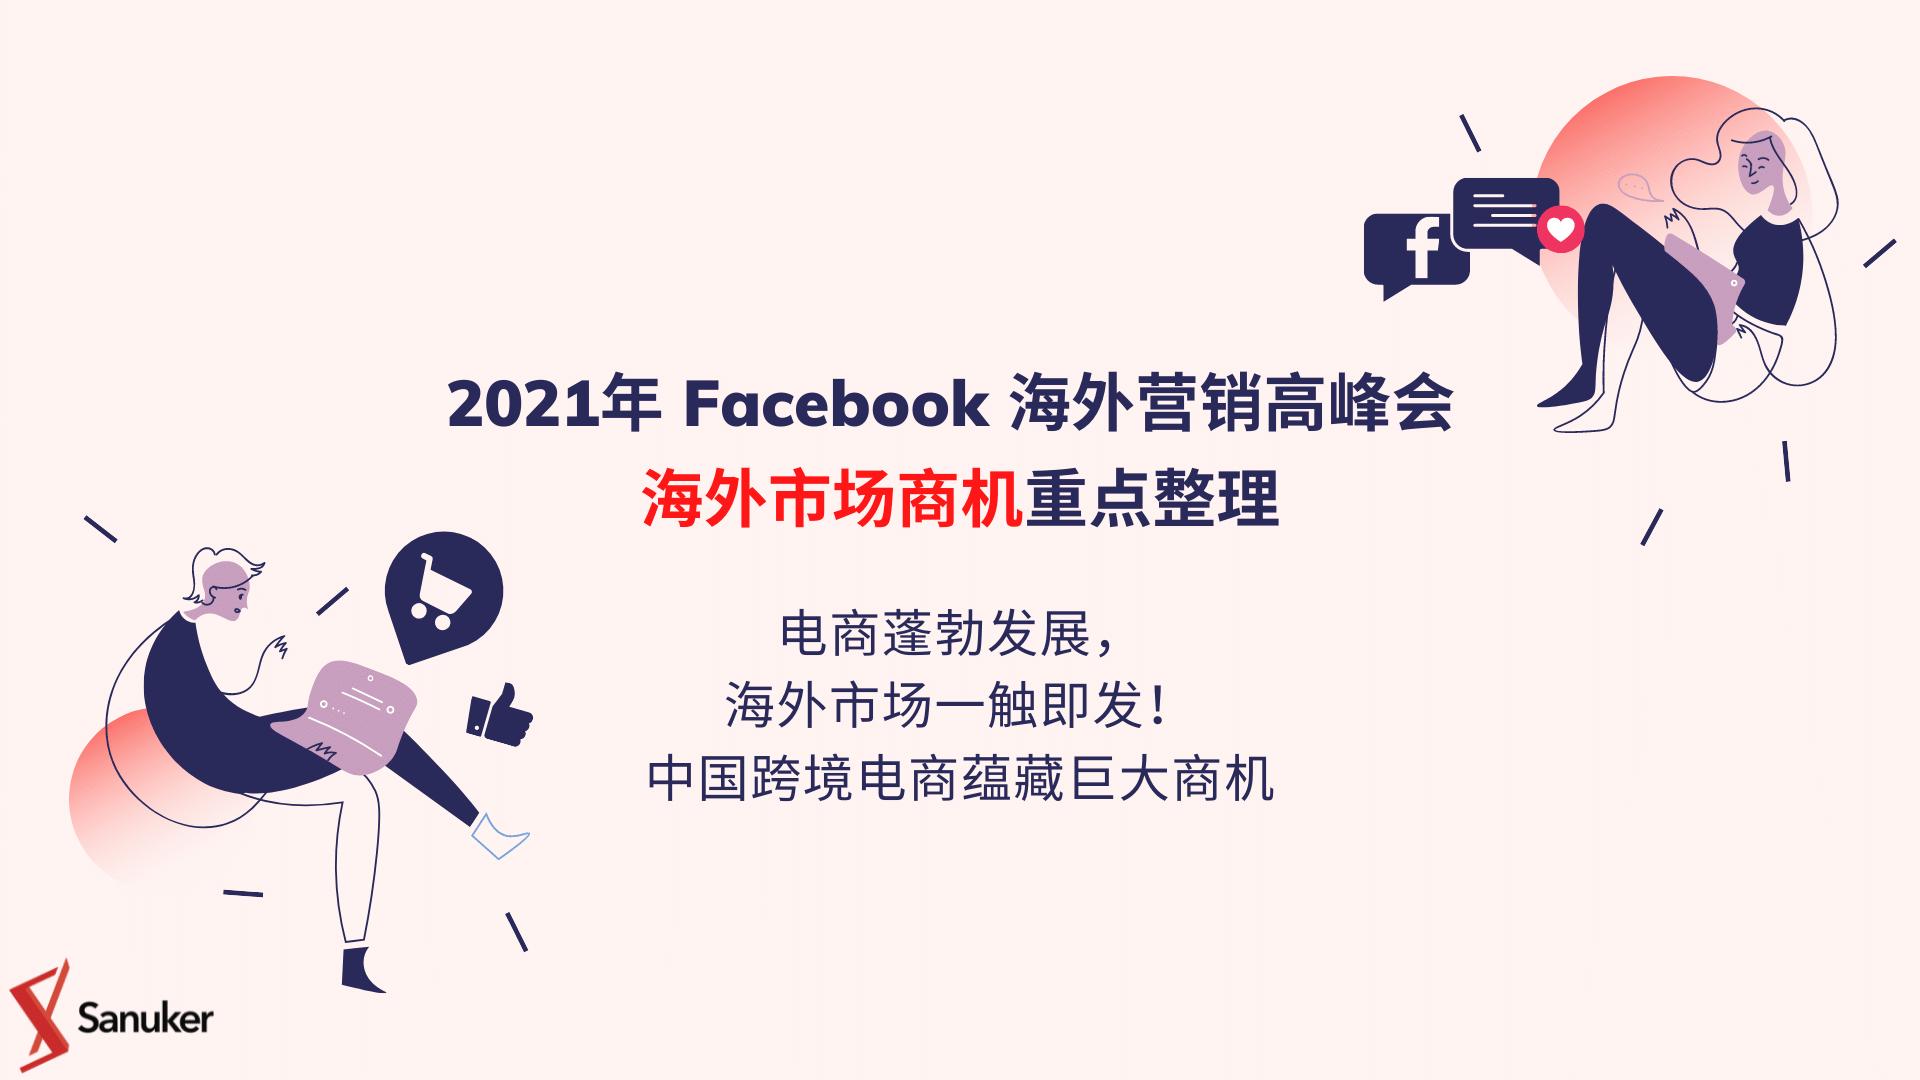 2021年 Facebook 海外营销高峰会 海外市场商机重点整理